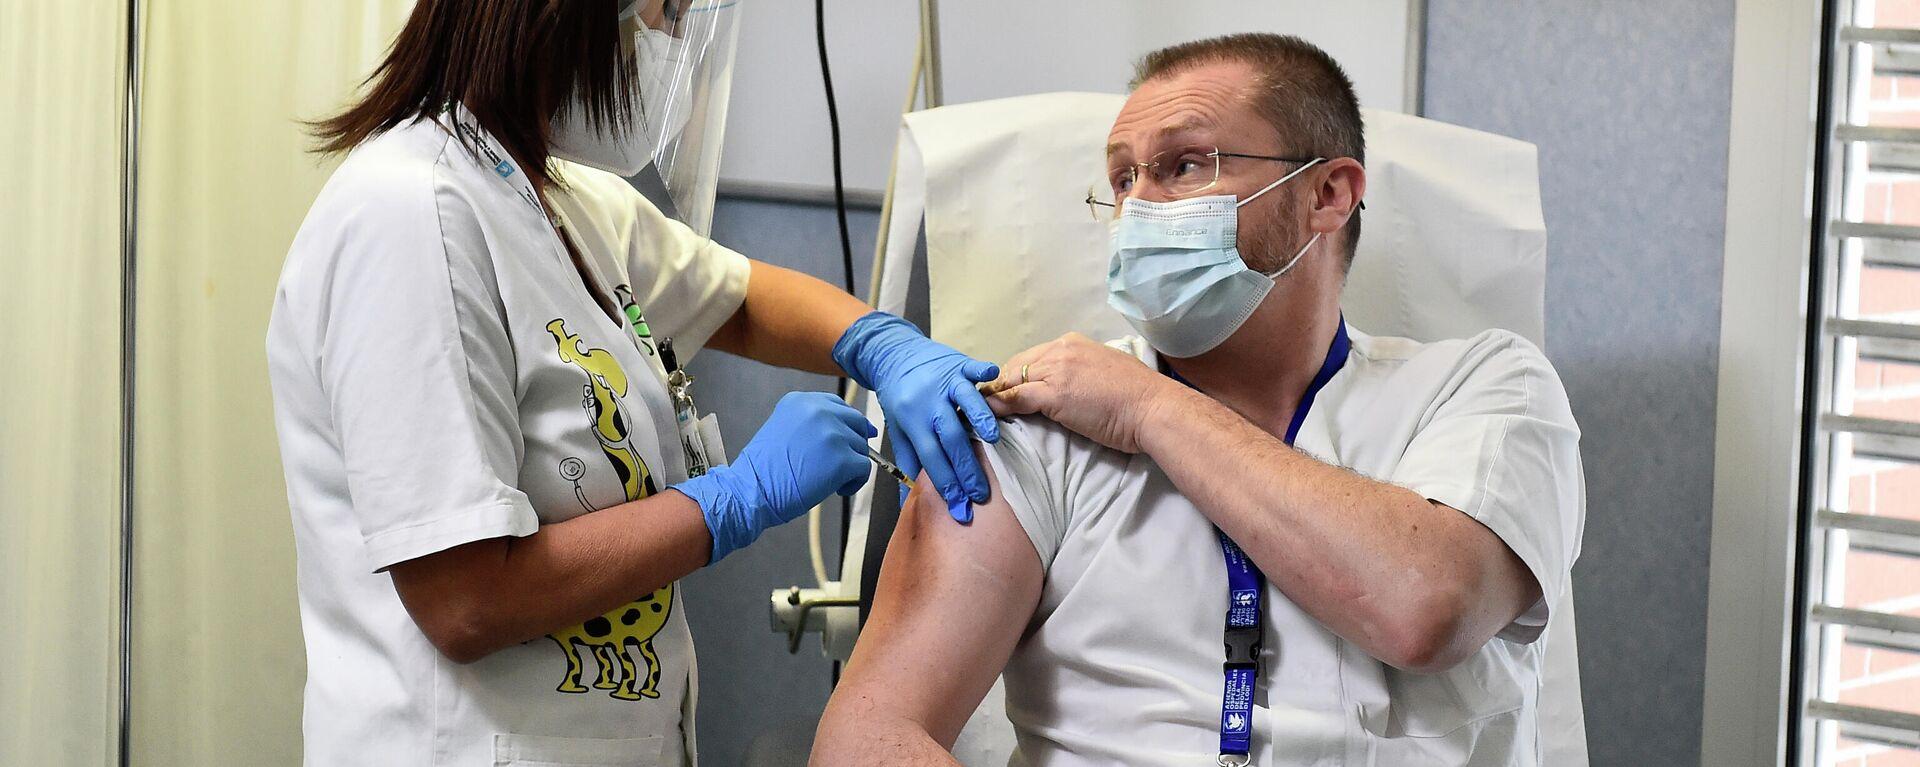 Eine Impfung mit Corona-Vakzin reicht in Italien, um den so genannten Grünen Pass zu bekommen (Archiv) - SNA, 1920, 05.08.2021